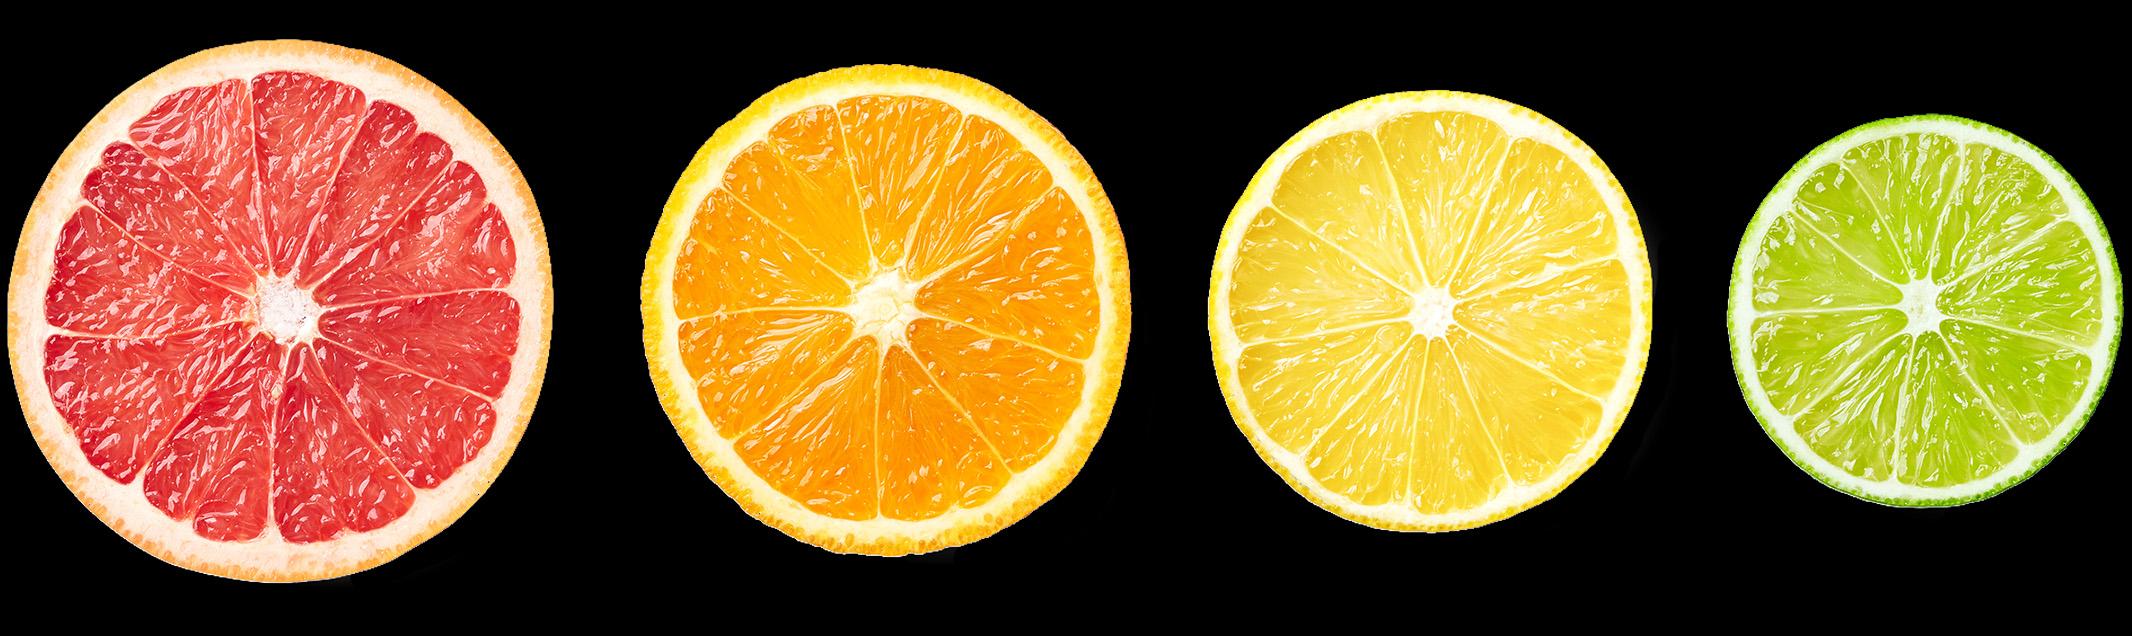 grafika-2d-owoce-moc